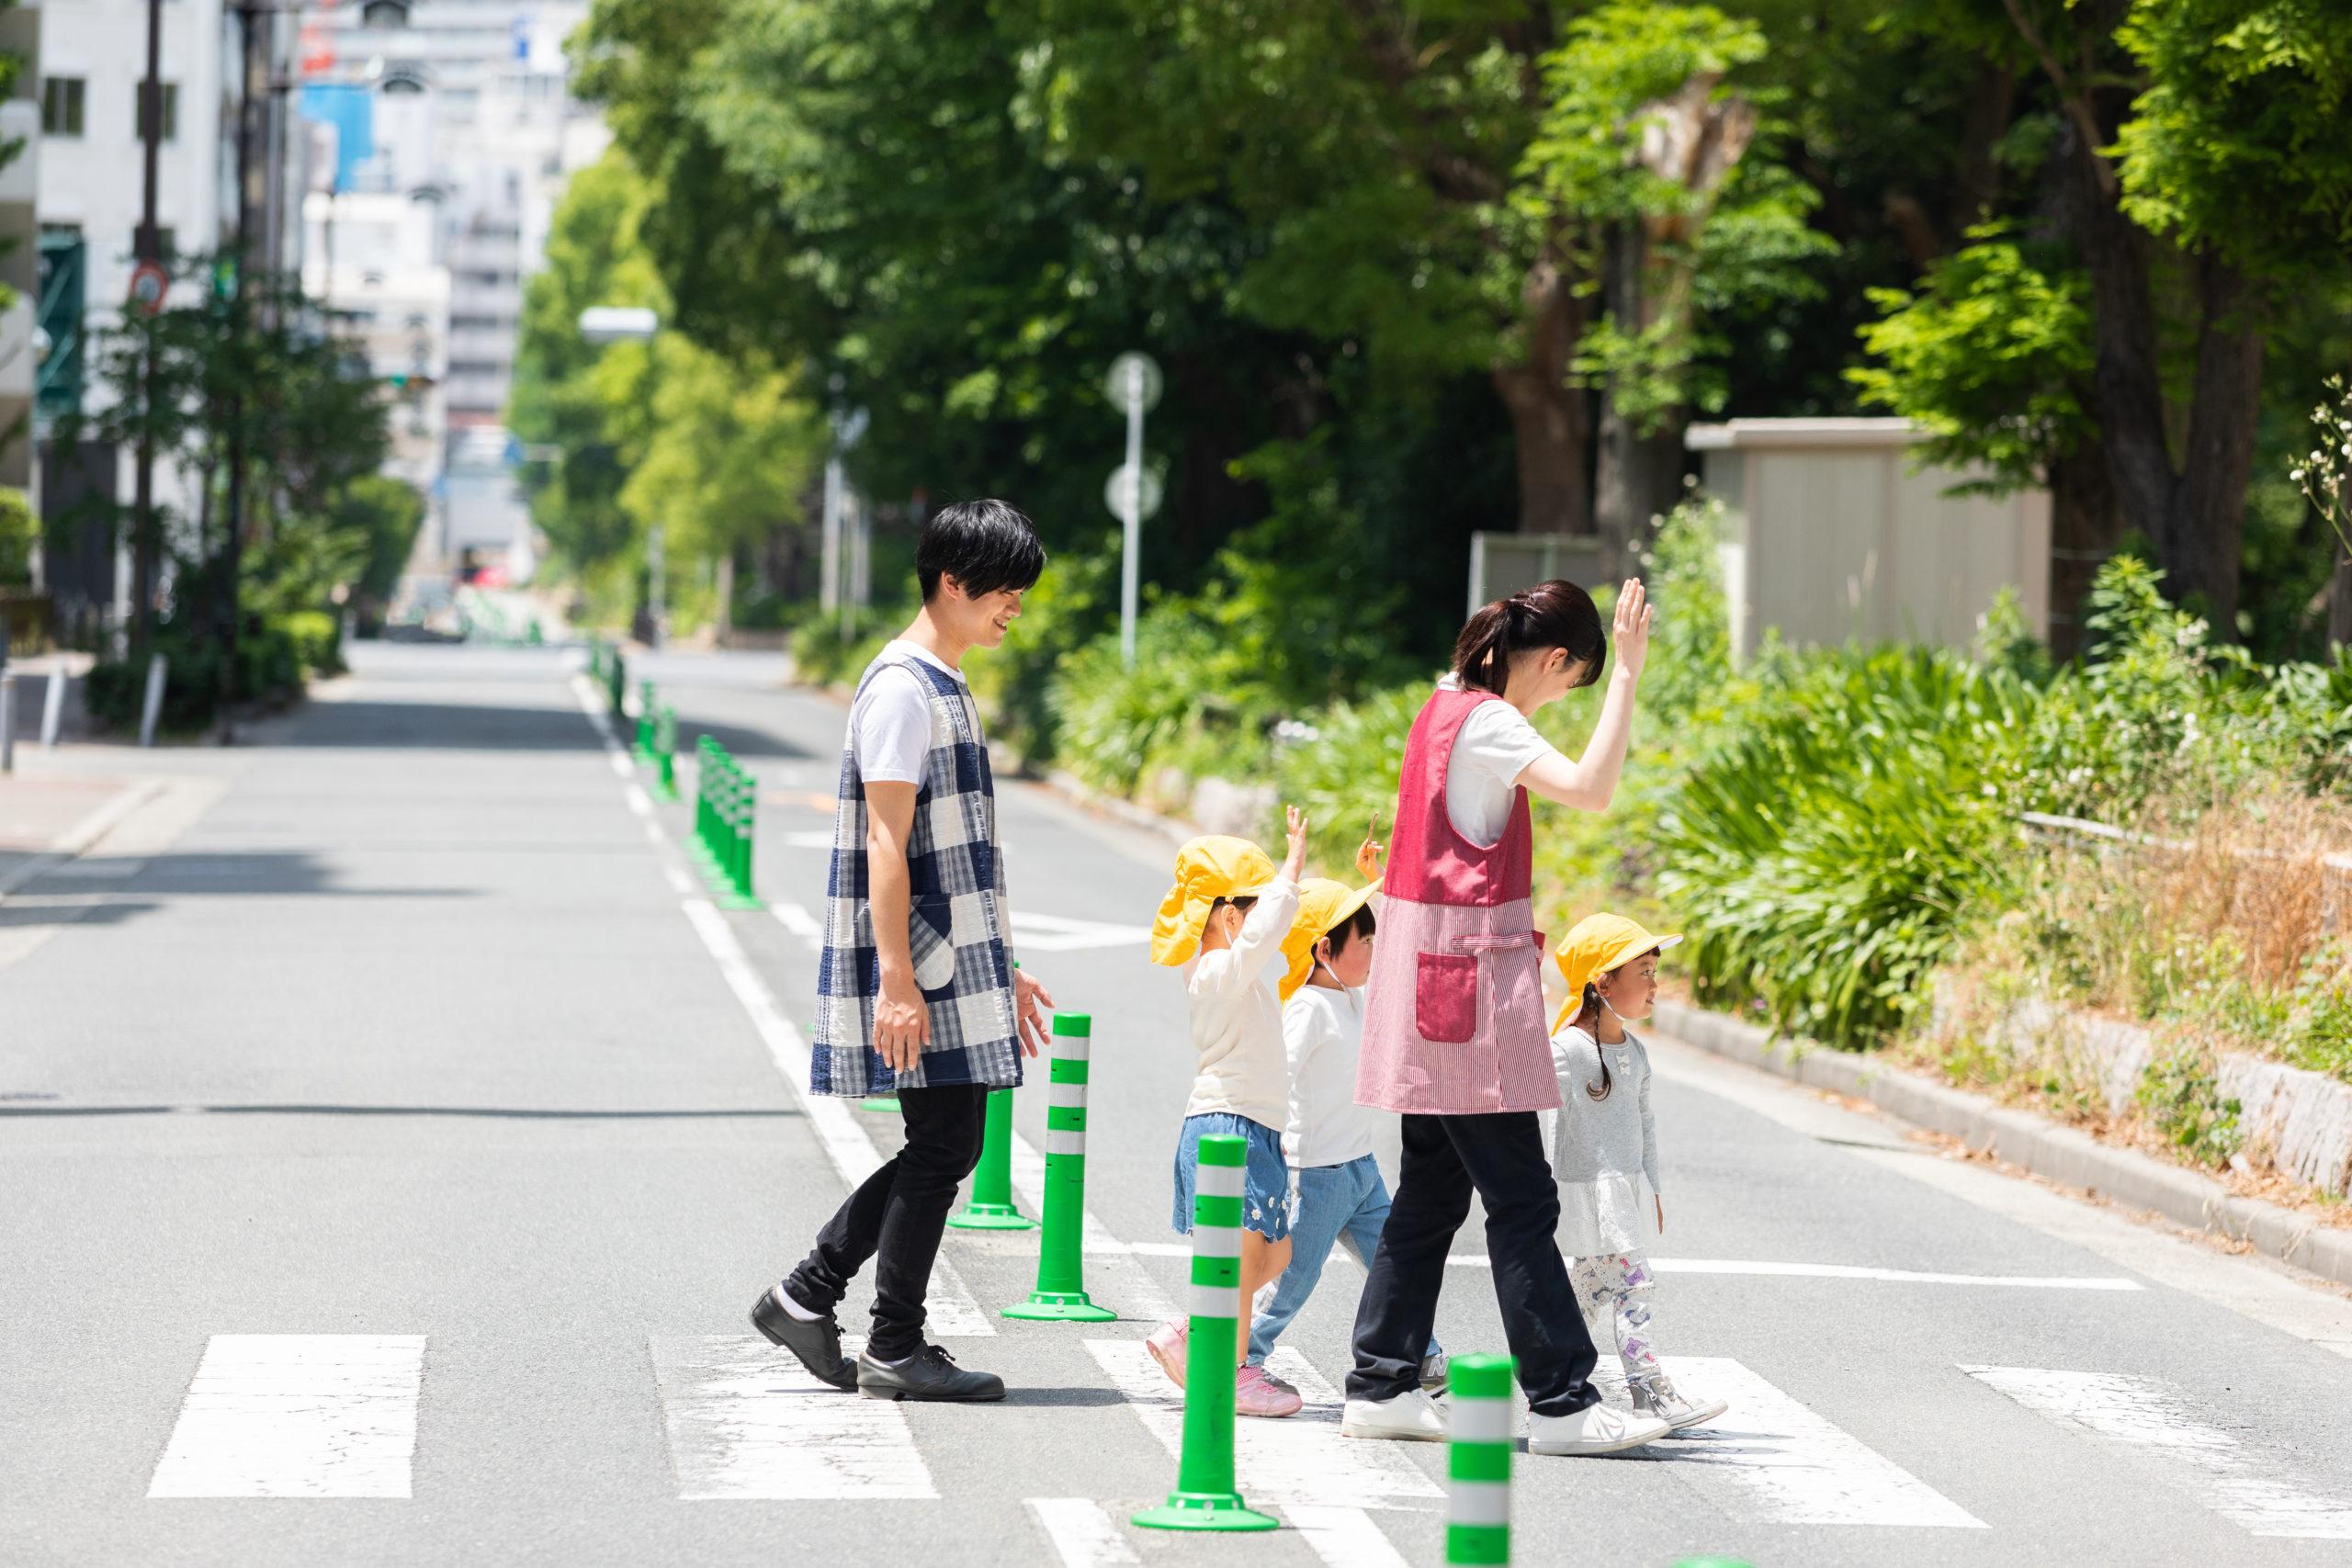 便利アイテムで安心・快適にできるお散歩のコツ